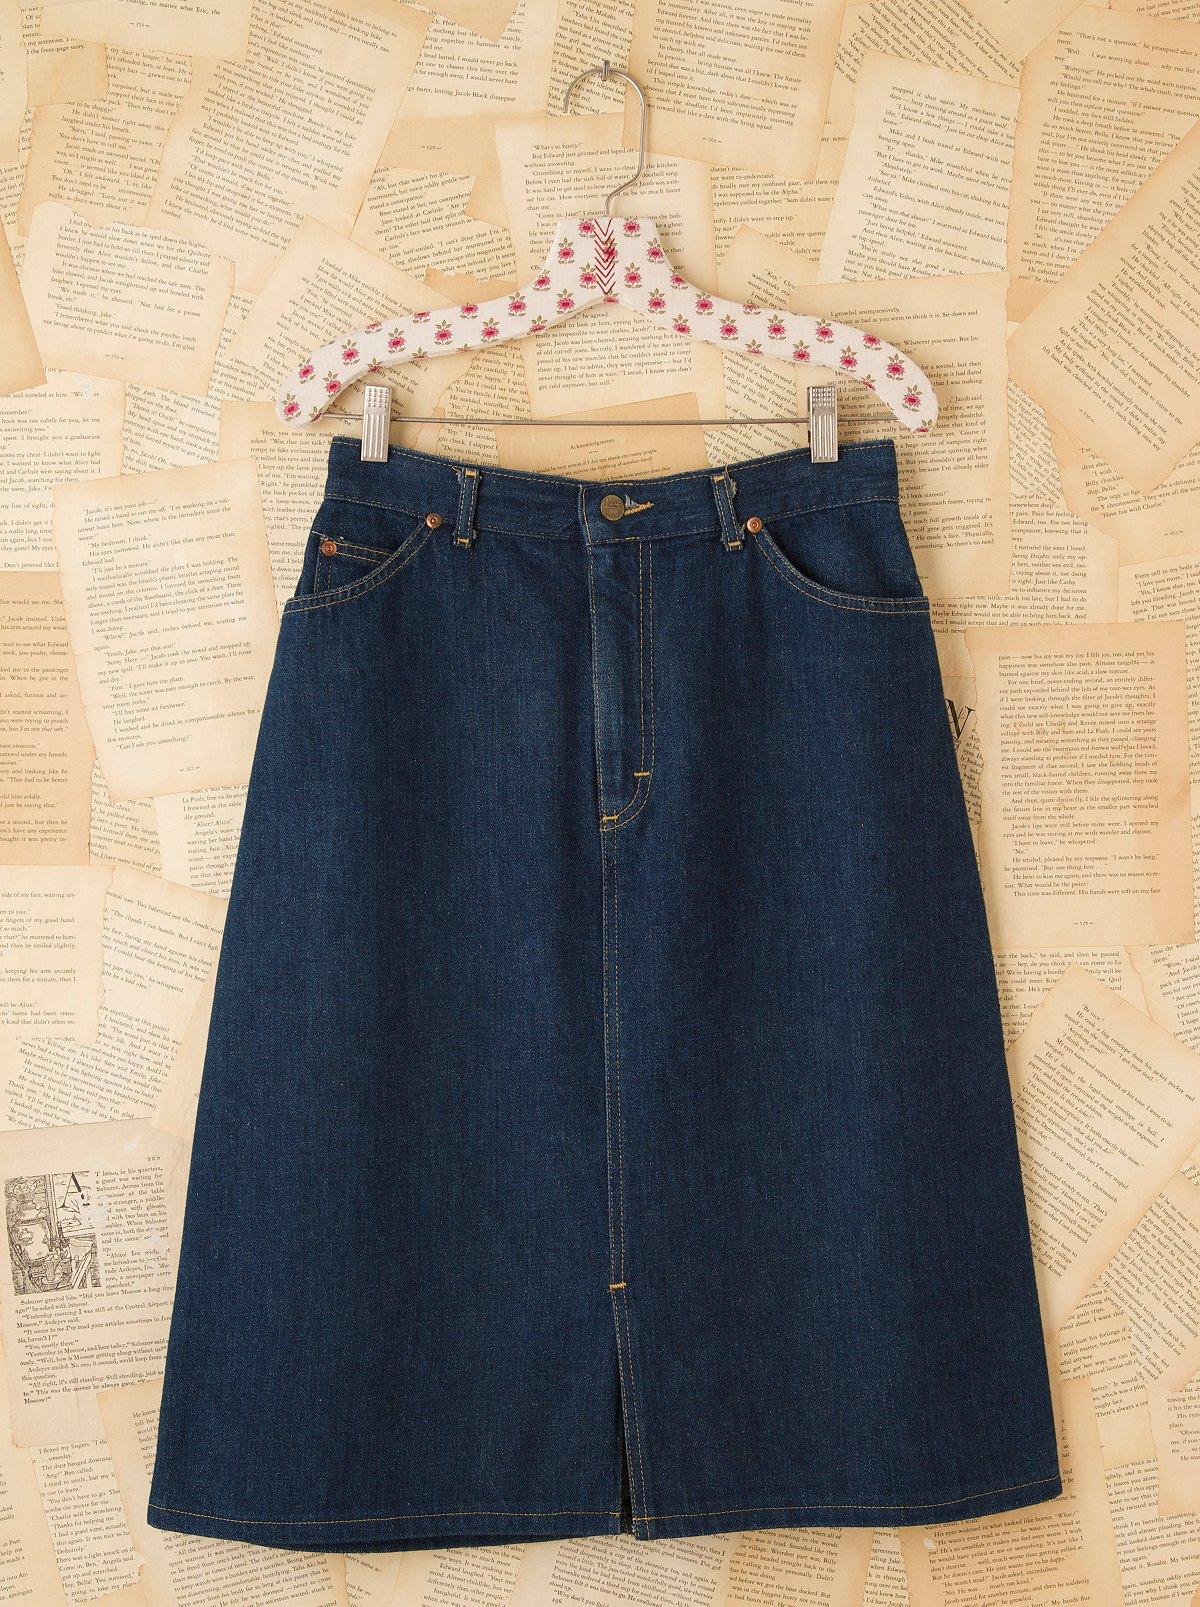 Vintage Lee Riders Denim Skirt